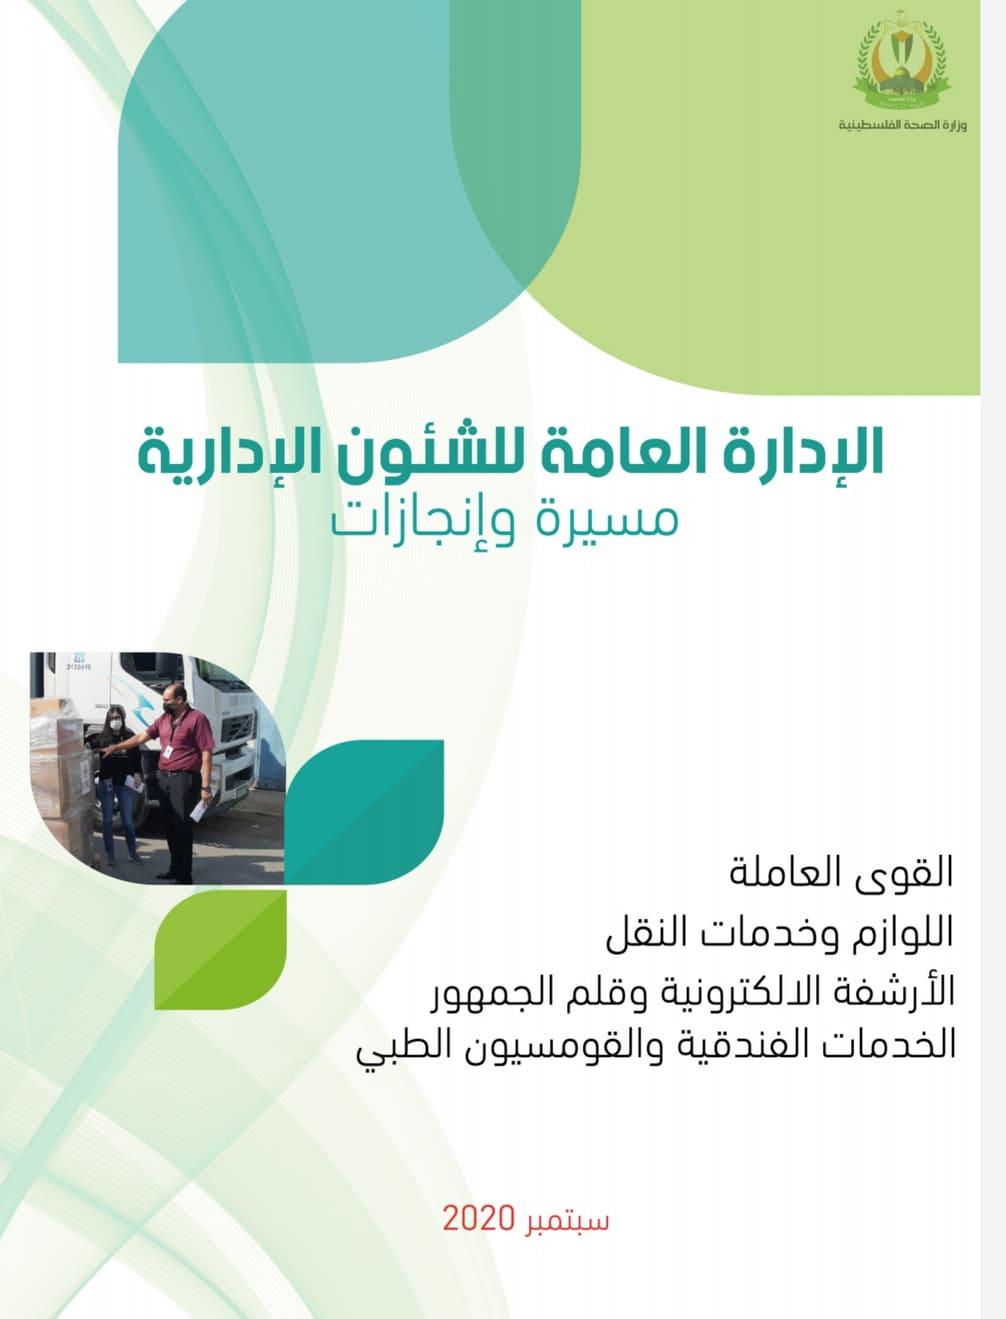 الإدارة العامة للشؤون الإدارية تصدر تقريرها الثلاث أرباع من العام 2020